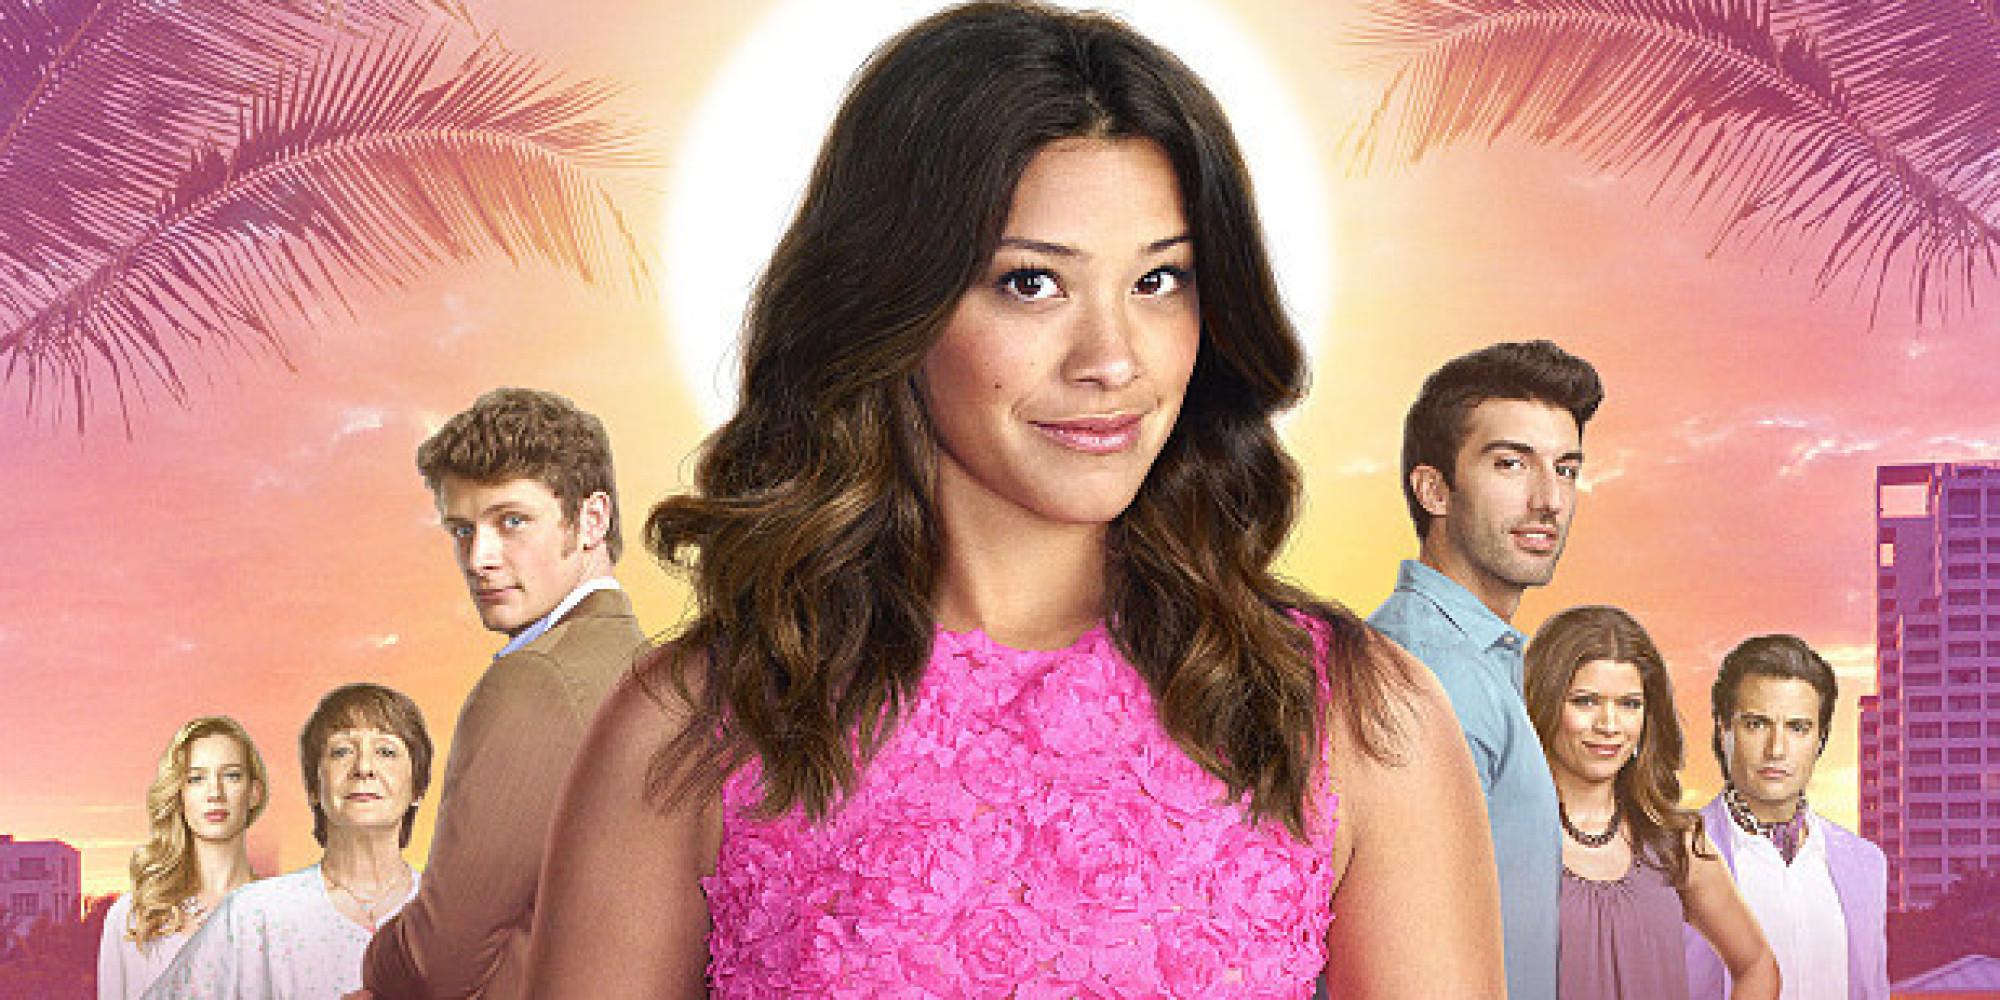 When Does Jane The Virgin Season 3 Start? Premiere Date